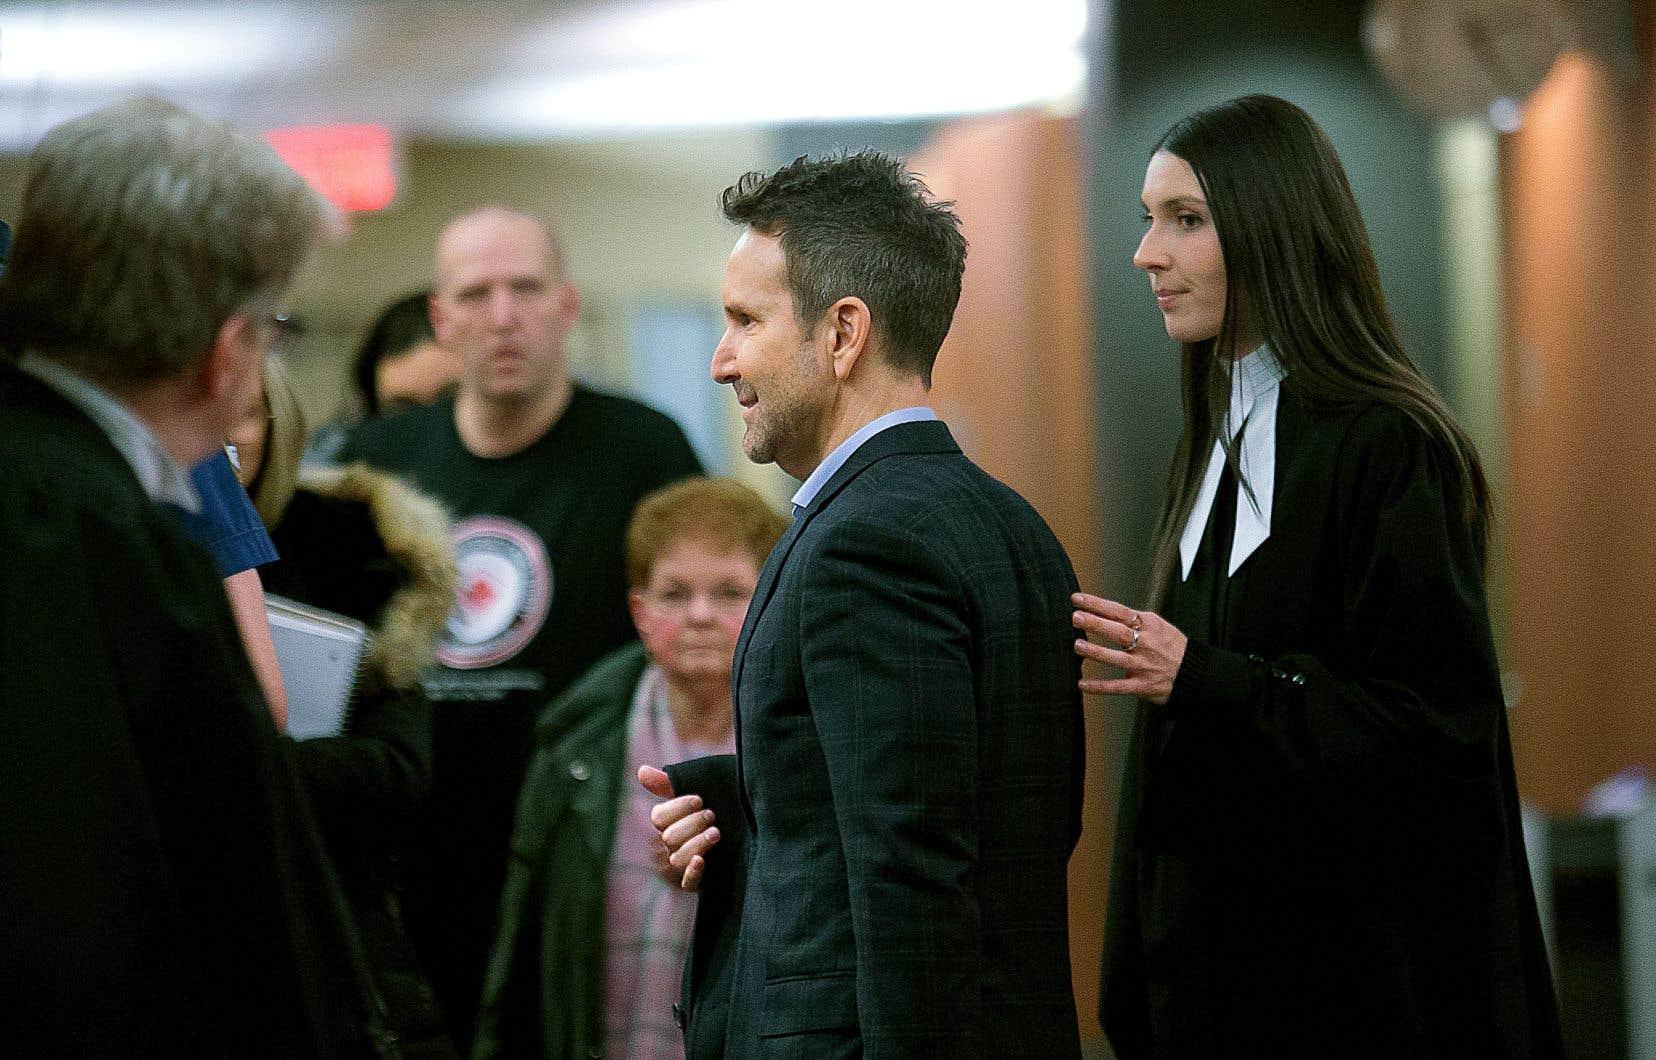 Éric Salvail a commencé à témoigner à son procès pour harcèlement criminel et agression sexuelle.